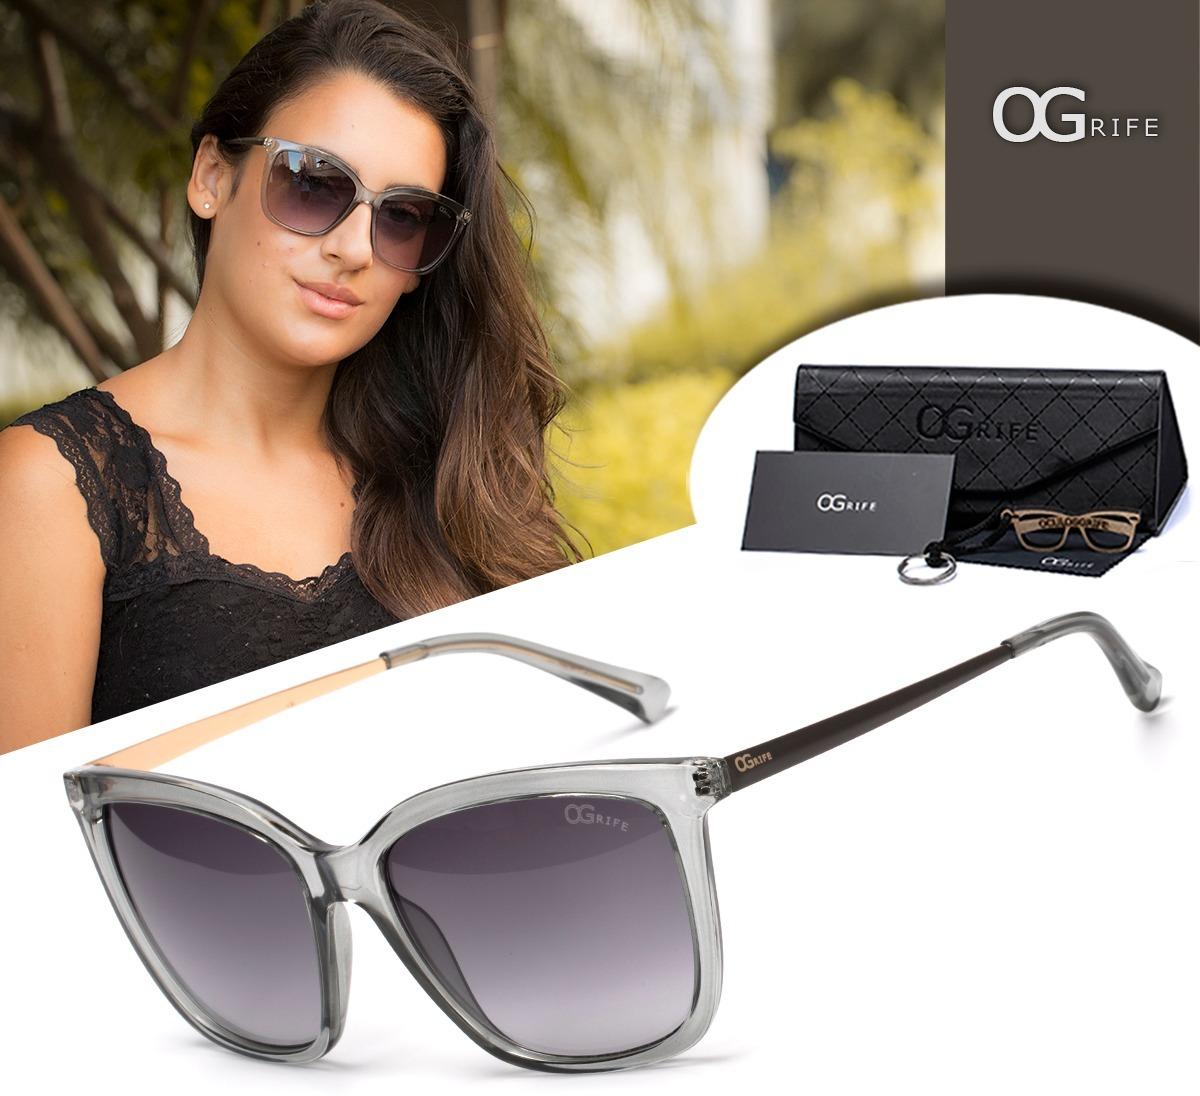 Oculos Ogrife Solar Feminino Og 1141-c Proteção Uv Original - R  90 ... 9f299e17fe